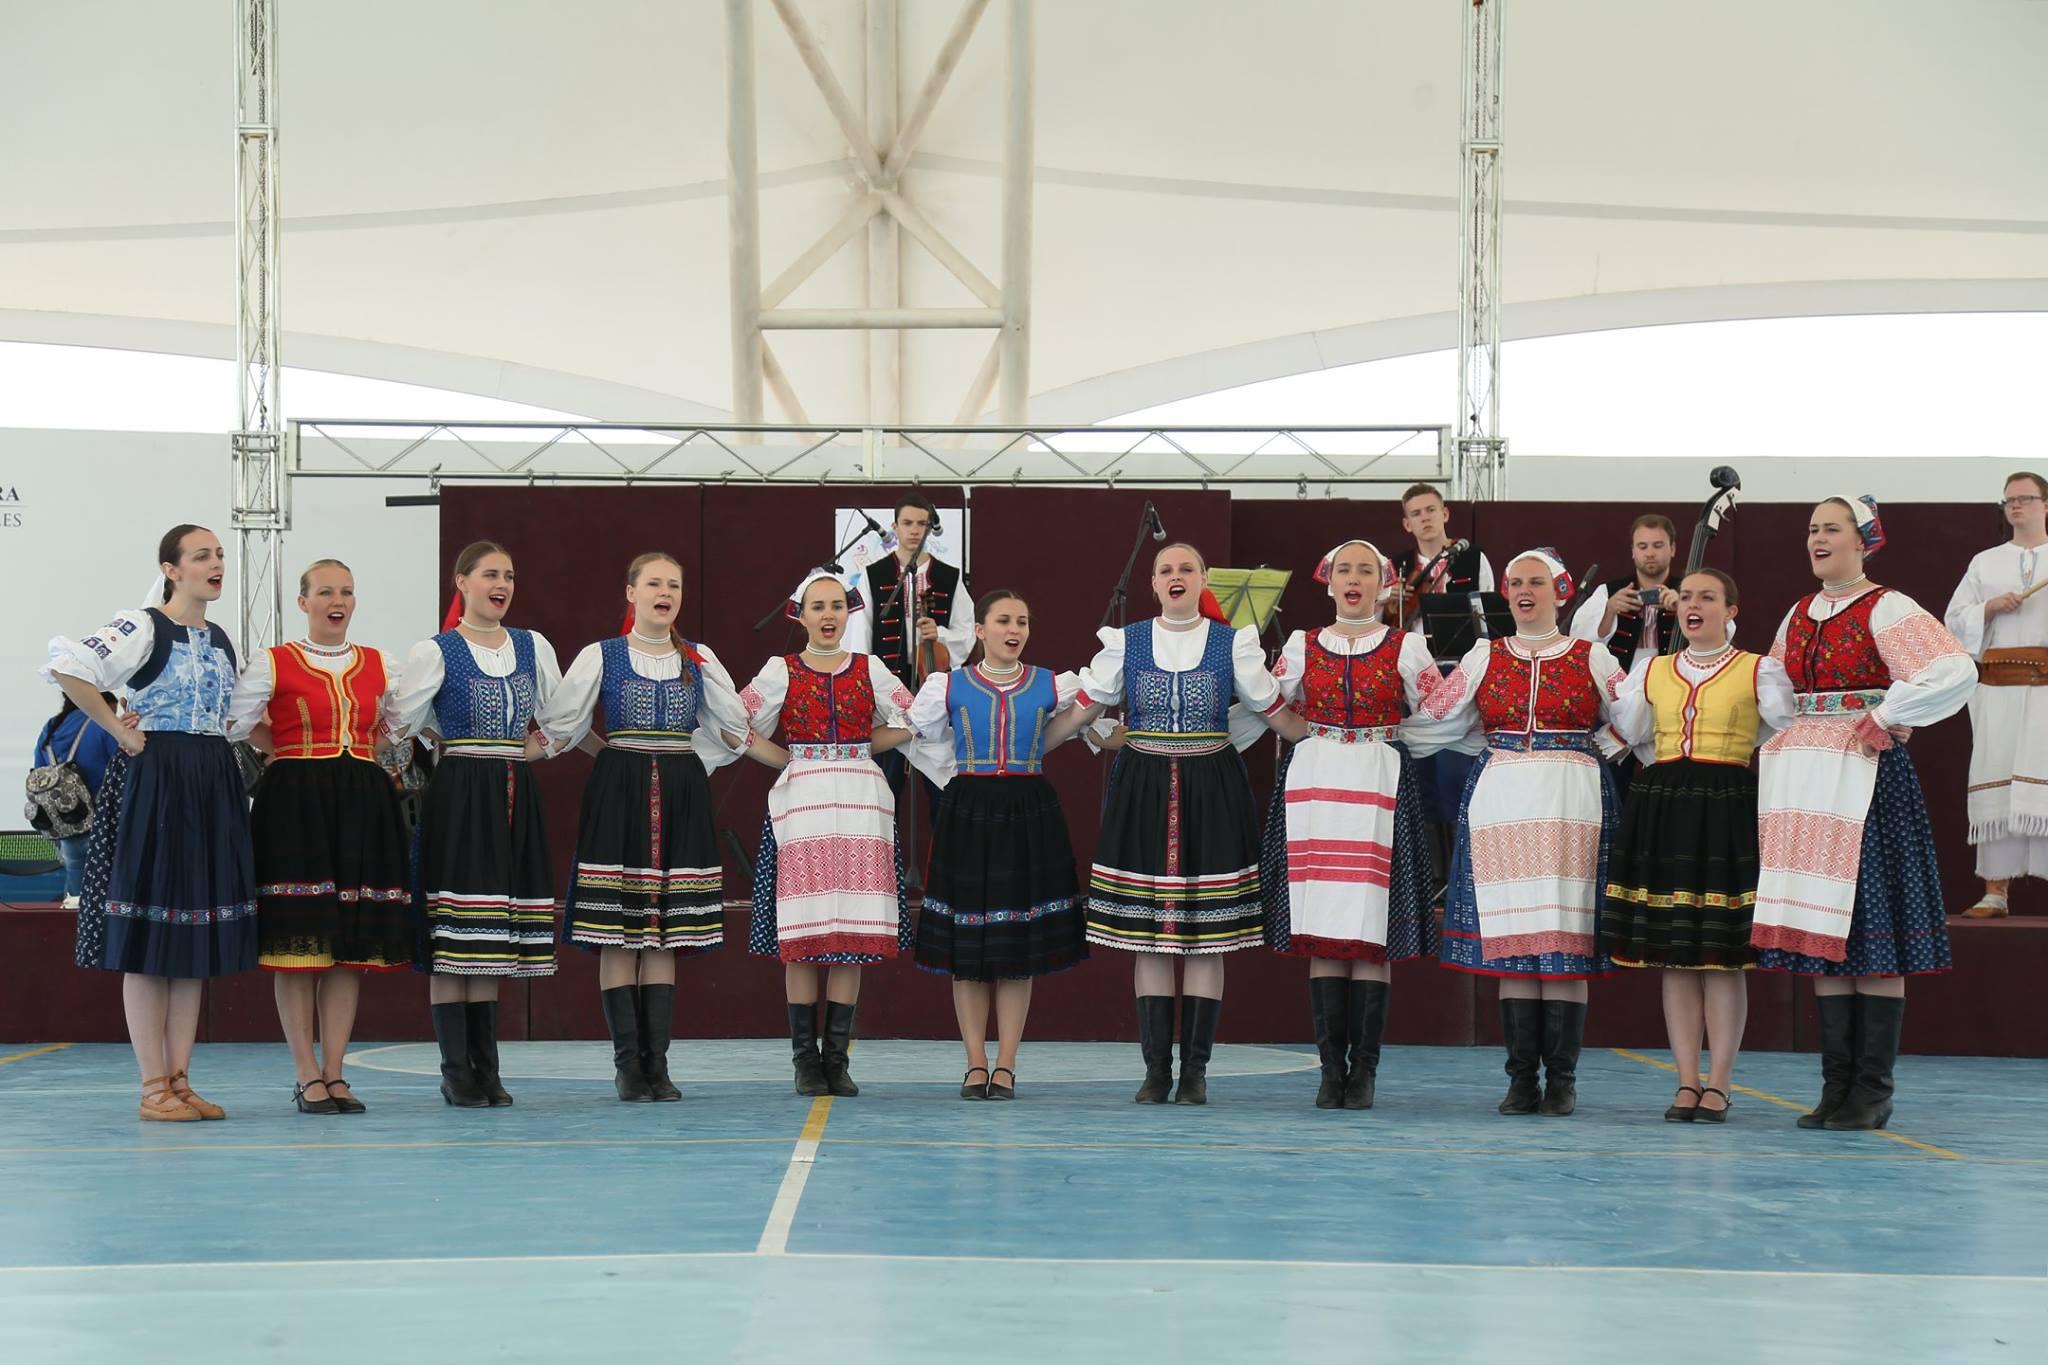 Participación de la delegación de República Checa